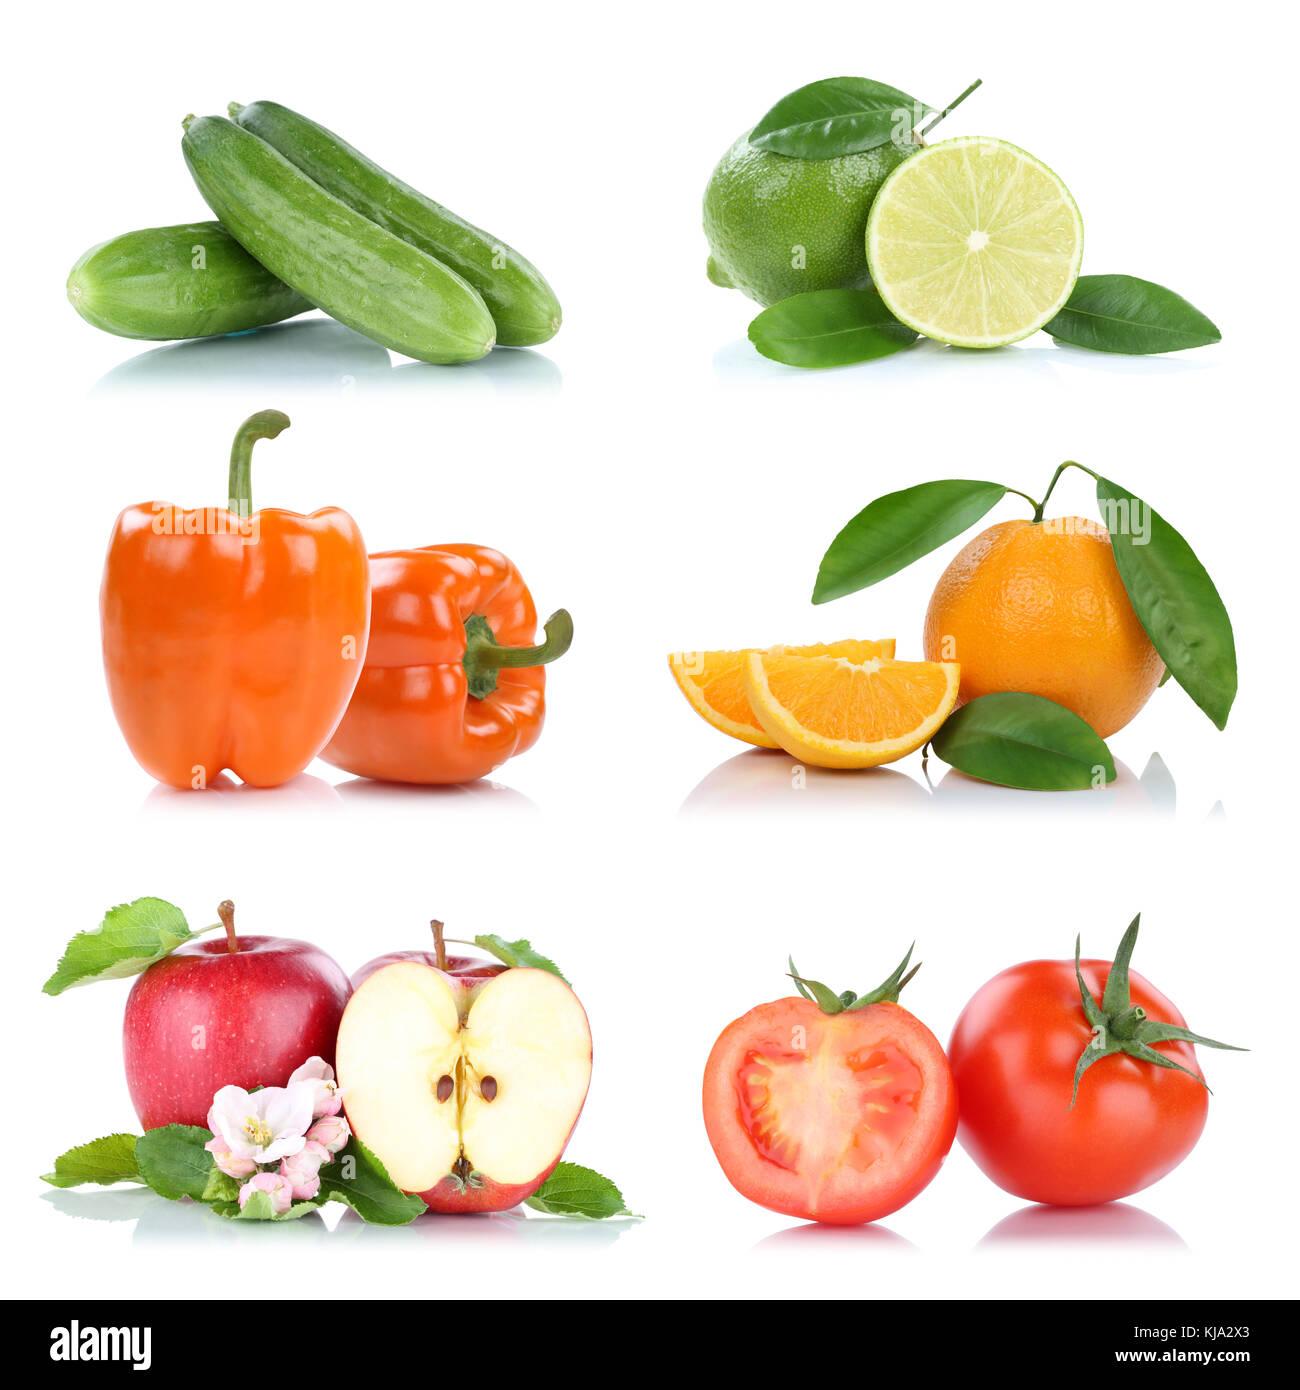 Fantastisch Früchte Zum Färben Ideen - Malvorlagen Von Tieren ...